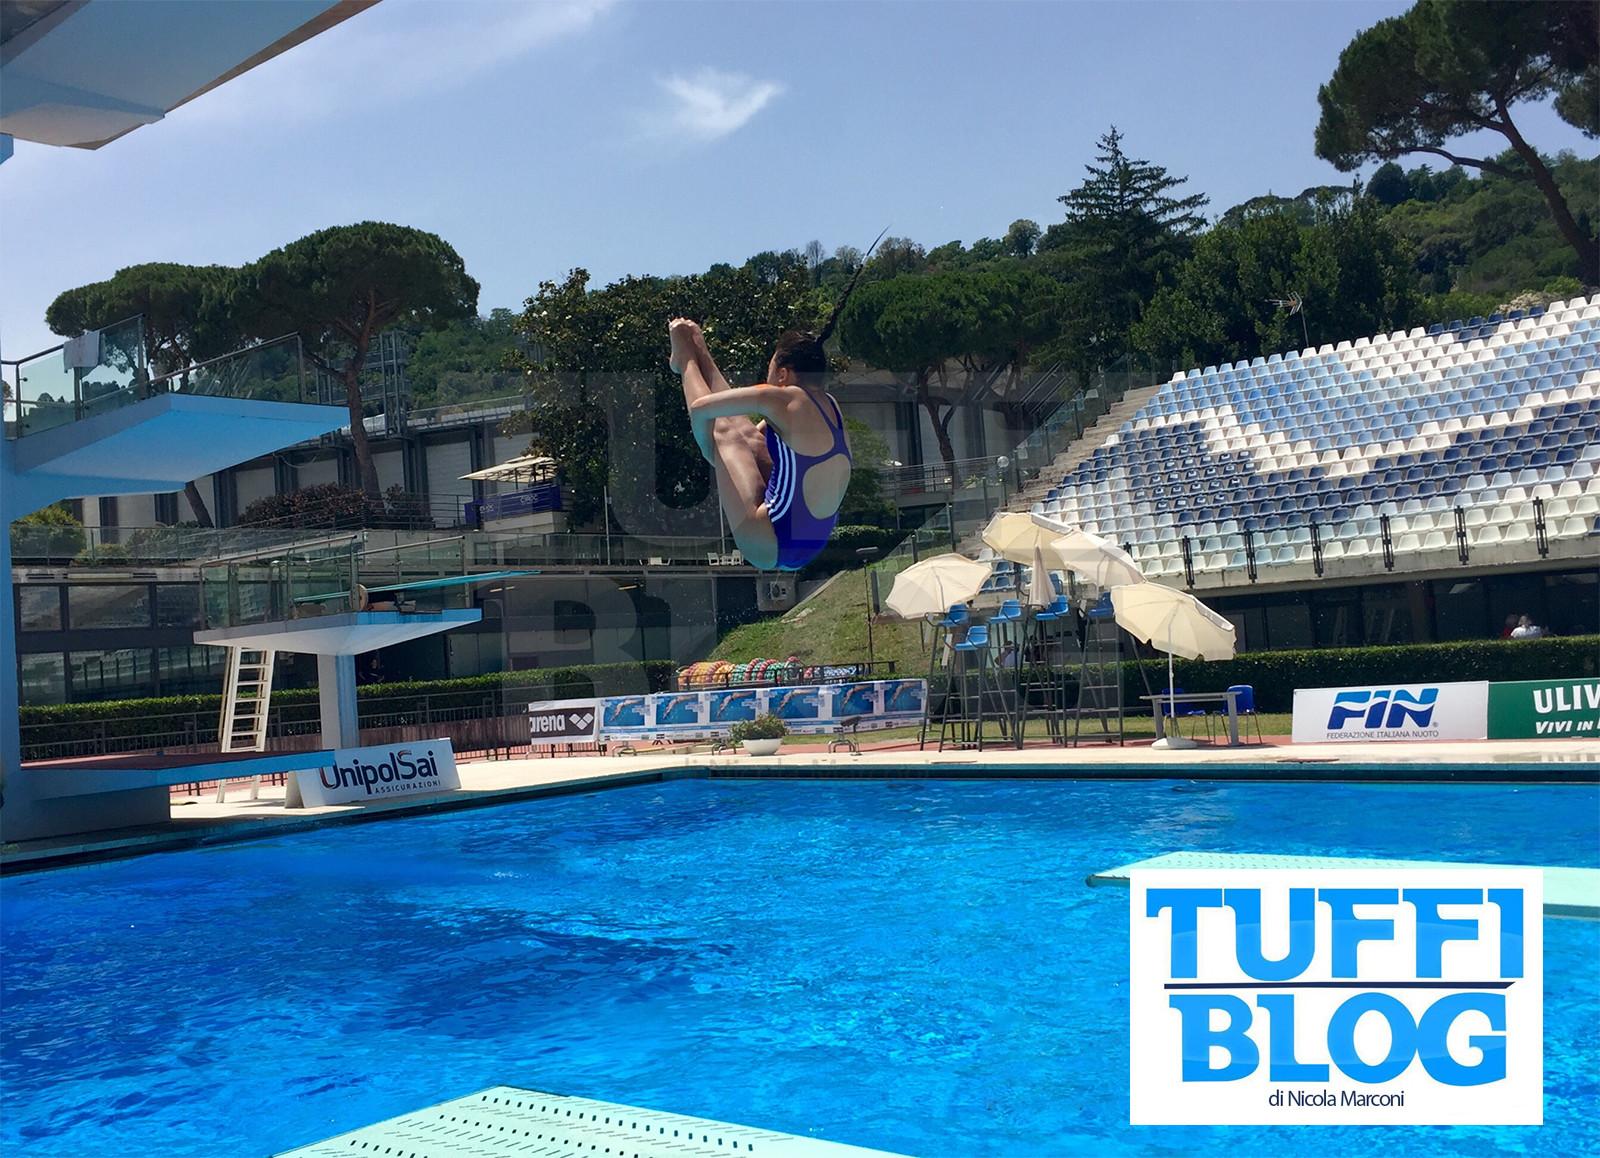 Categoria Estivi 2020: Roma - tutte le foto disponibili su DeepBlueMedia!